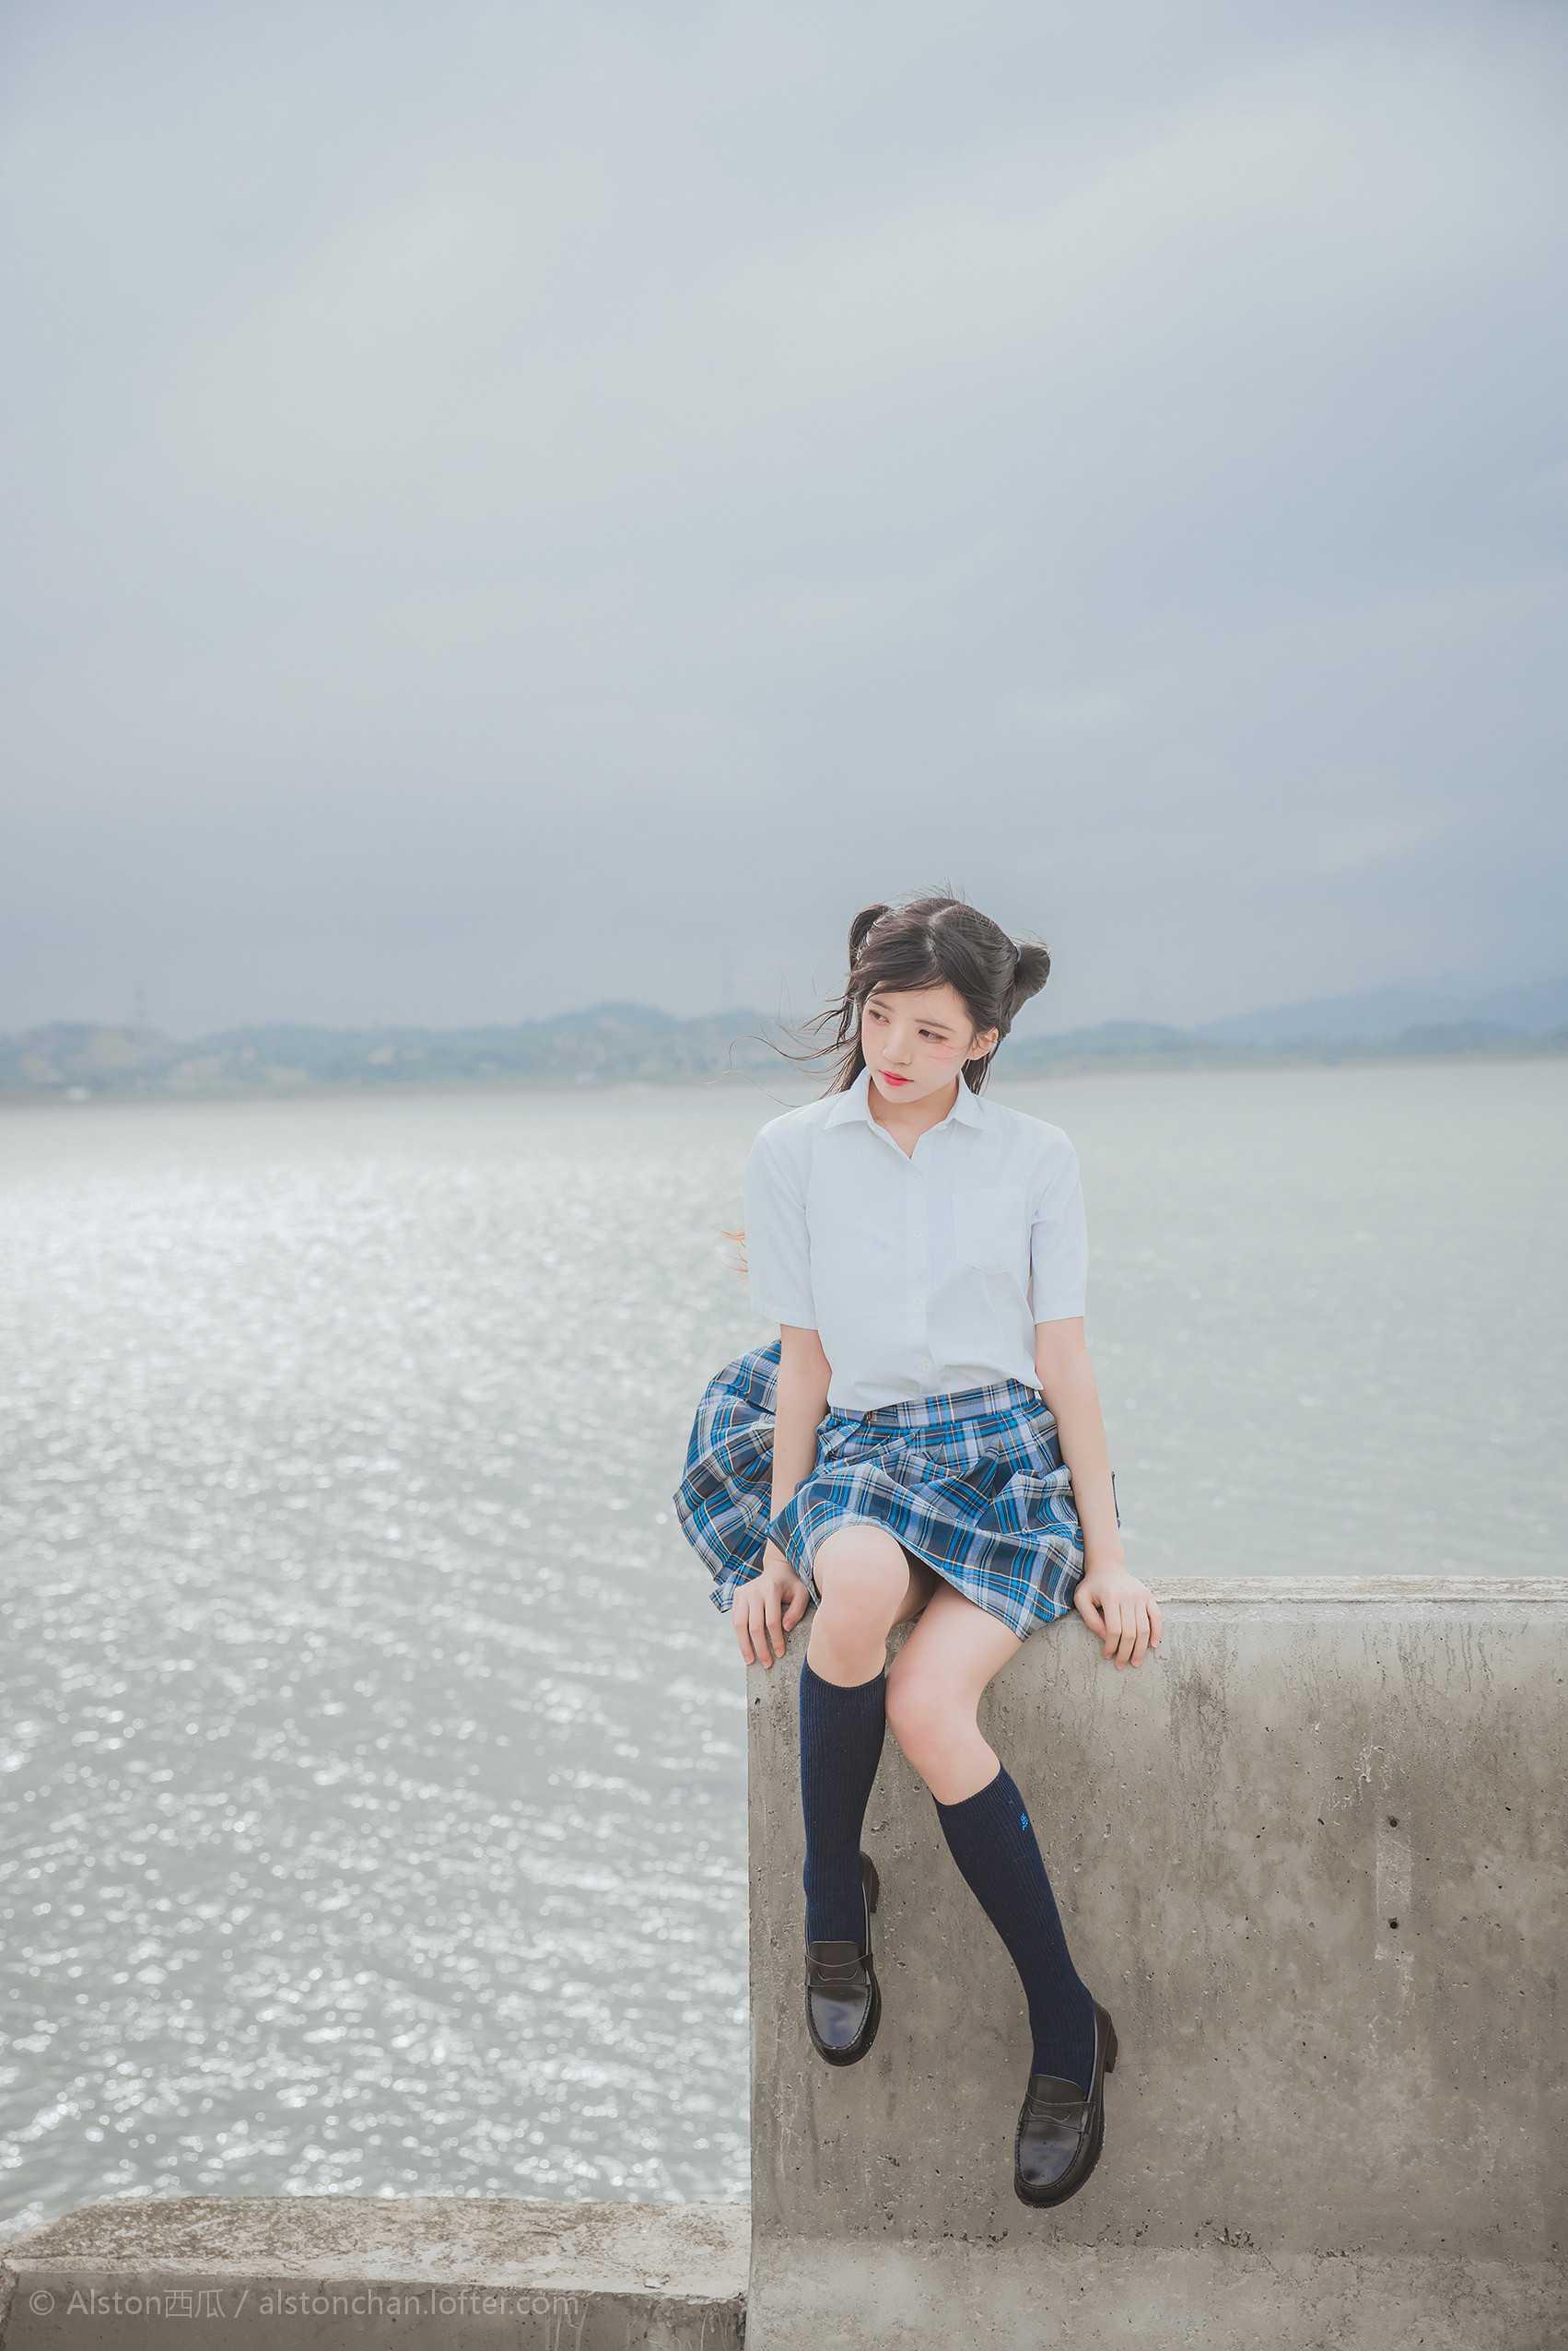 免费⭐微博红人⭐桜桃喵@写真cos-海边(桜桃喵 )插图7